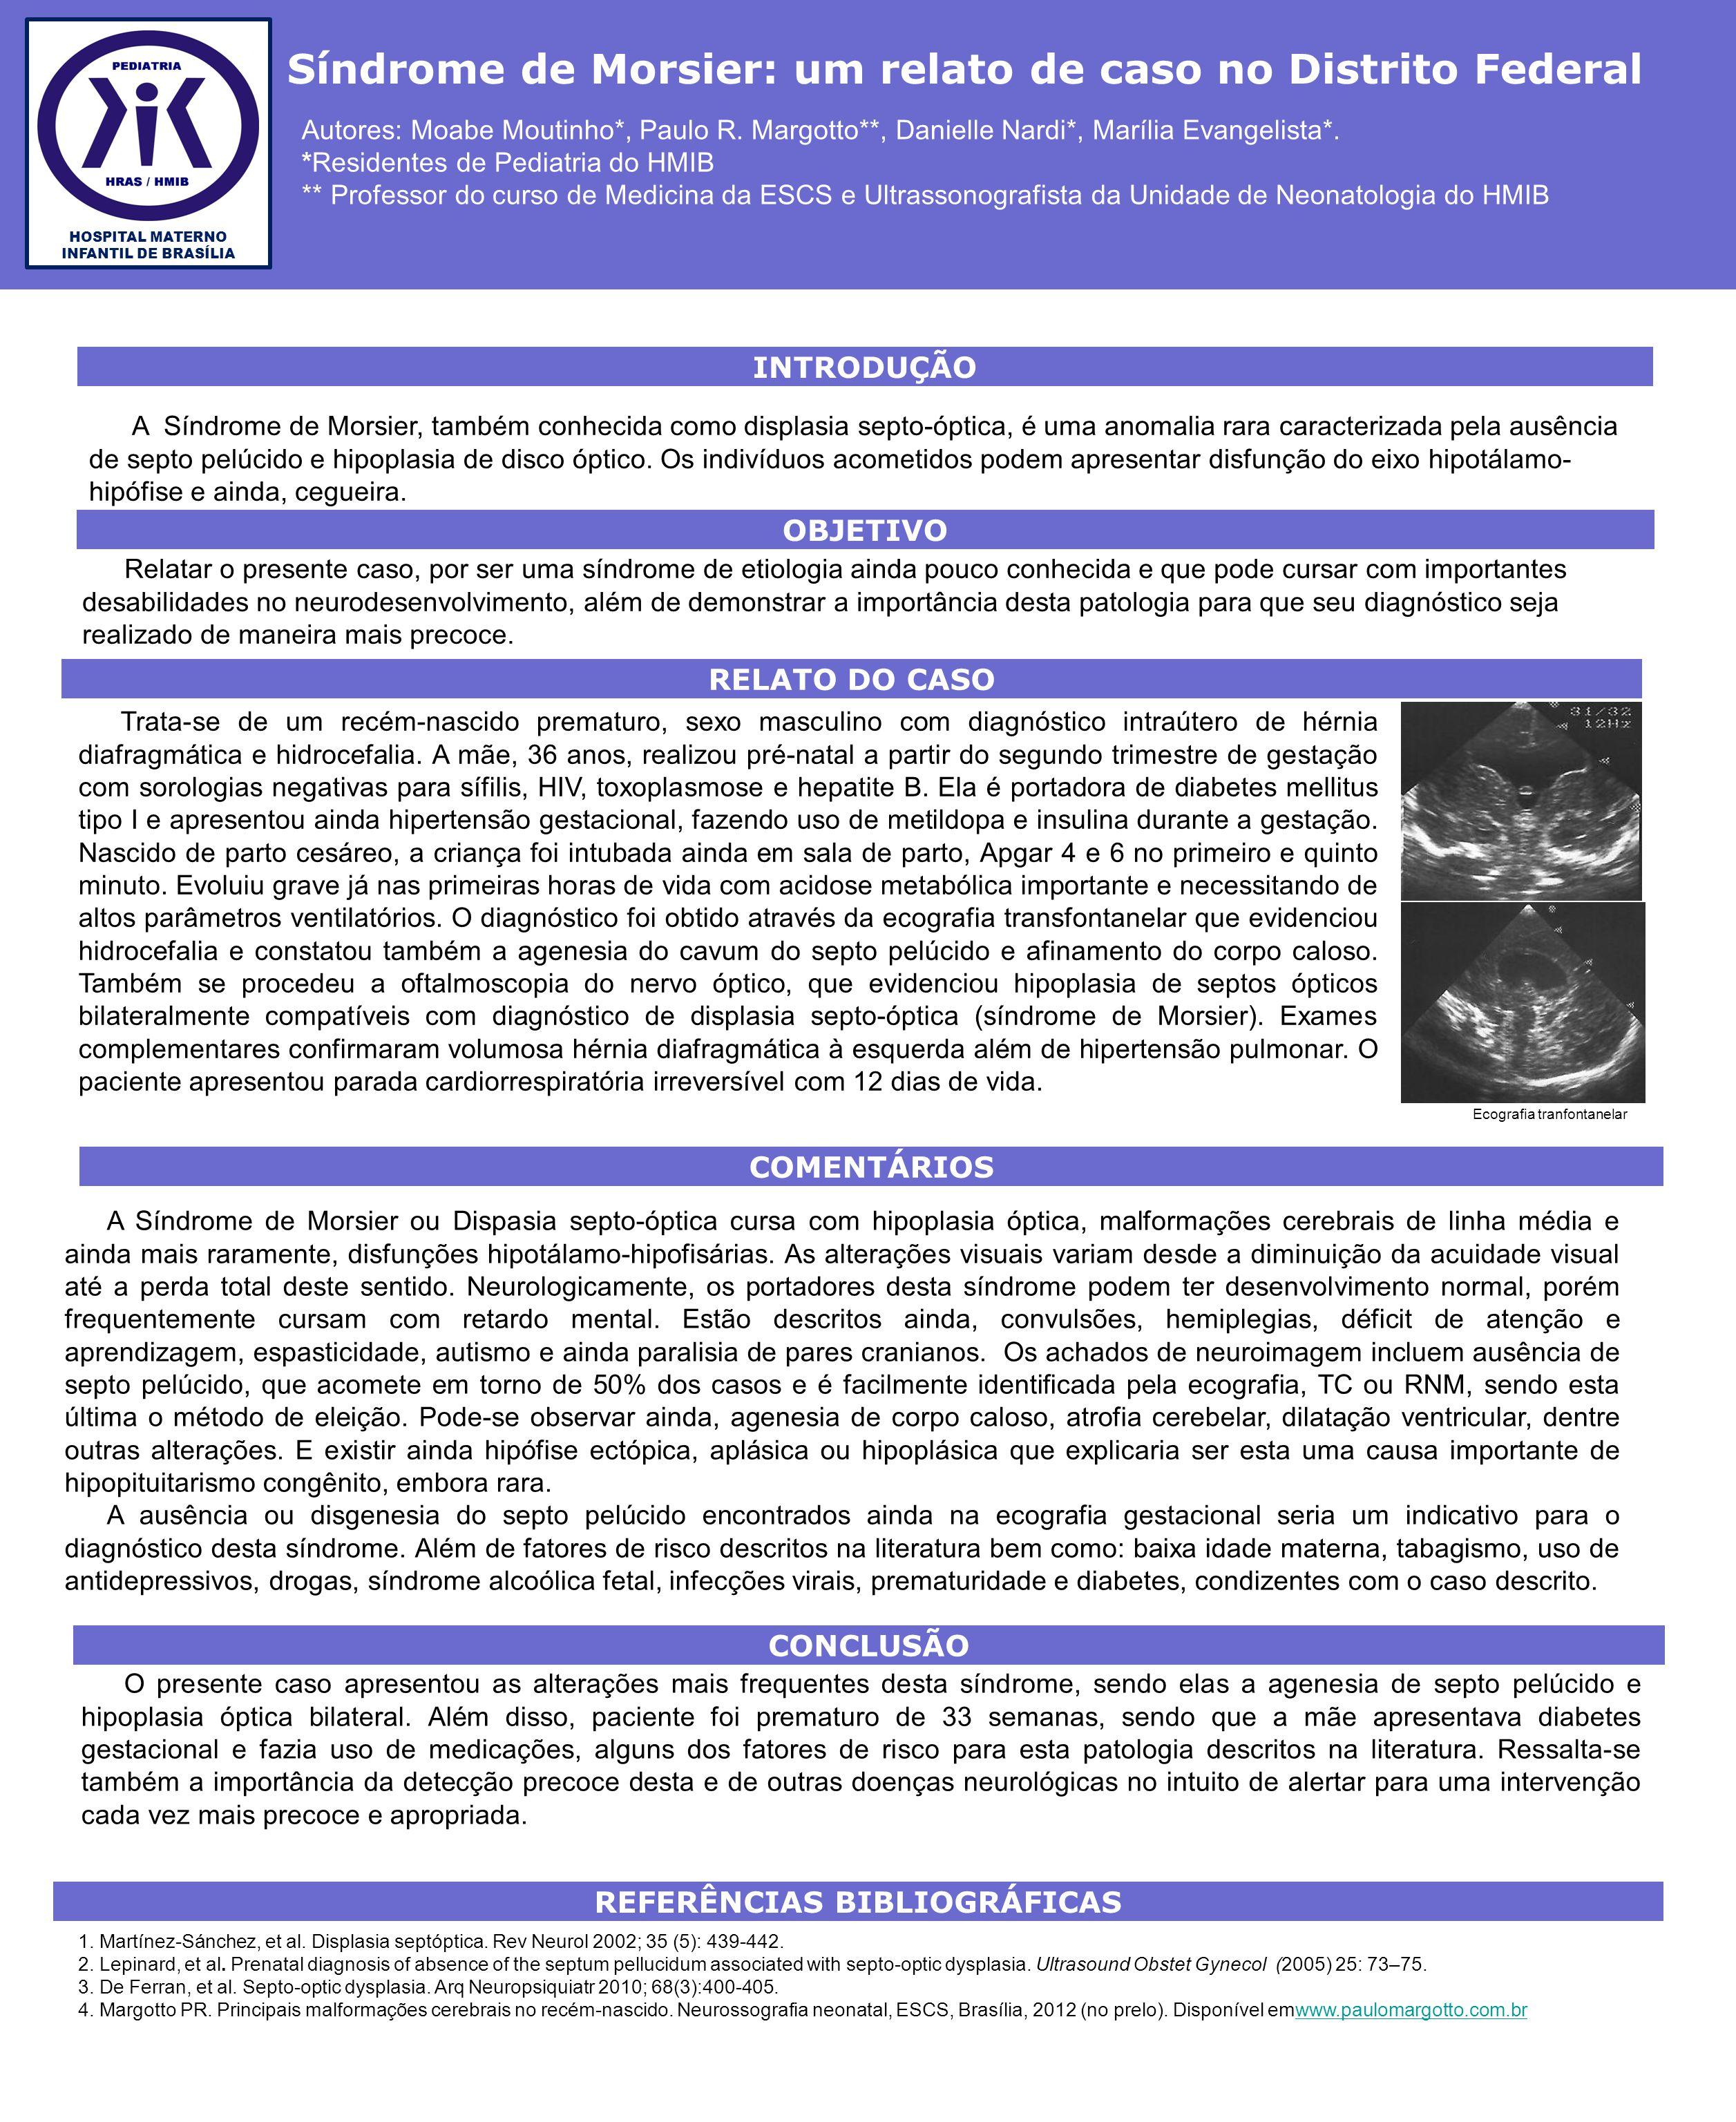 A Síndrome de Morsier, também conhecida como displasia septo-óptica, é uma anomalia rara caracterizada pela ausência de septo pelúcido e hipoplasia de